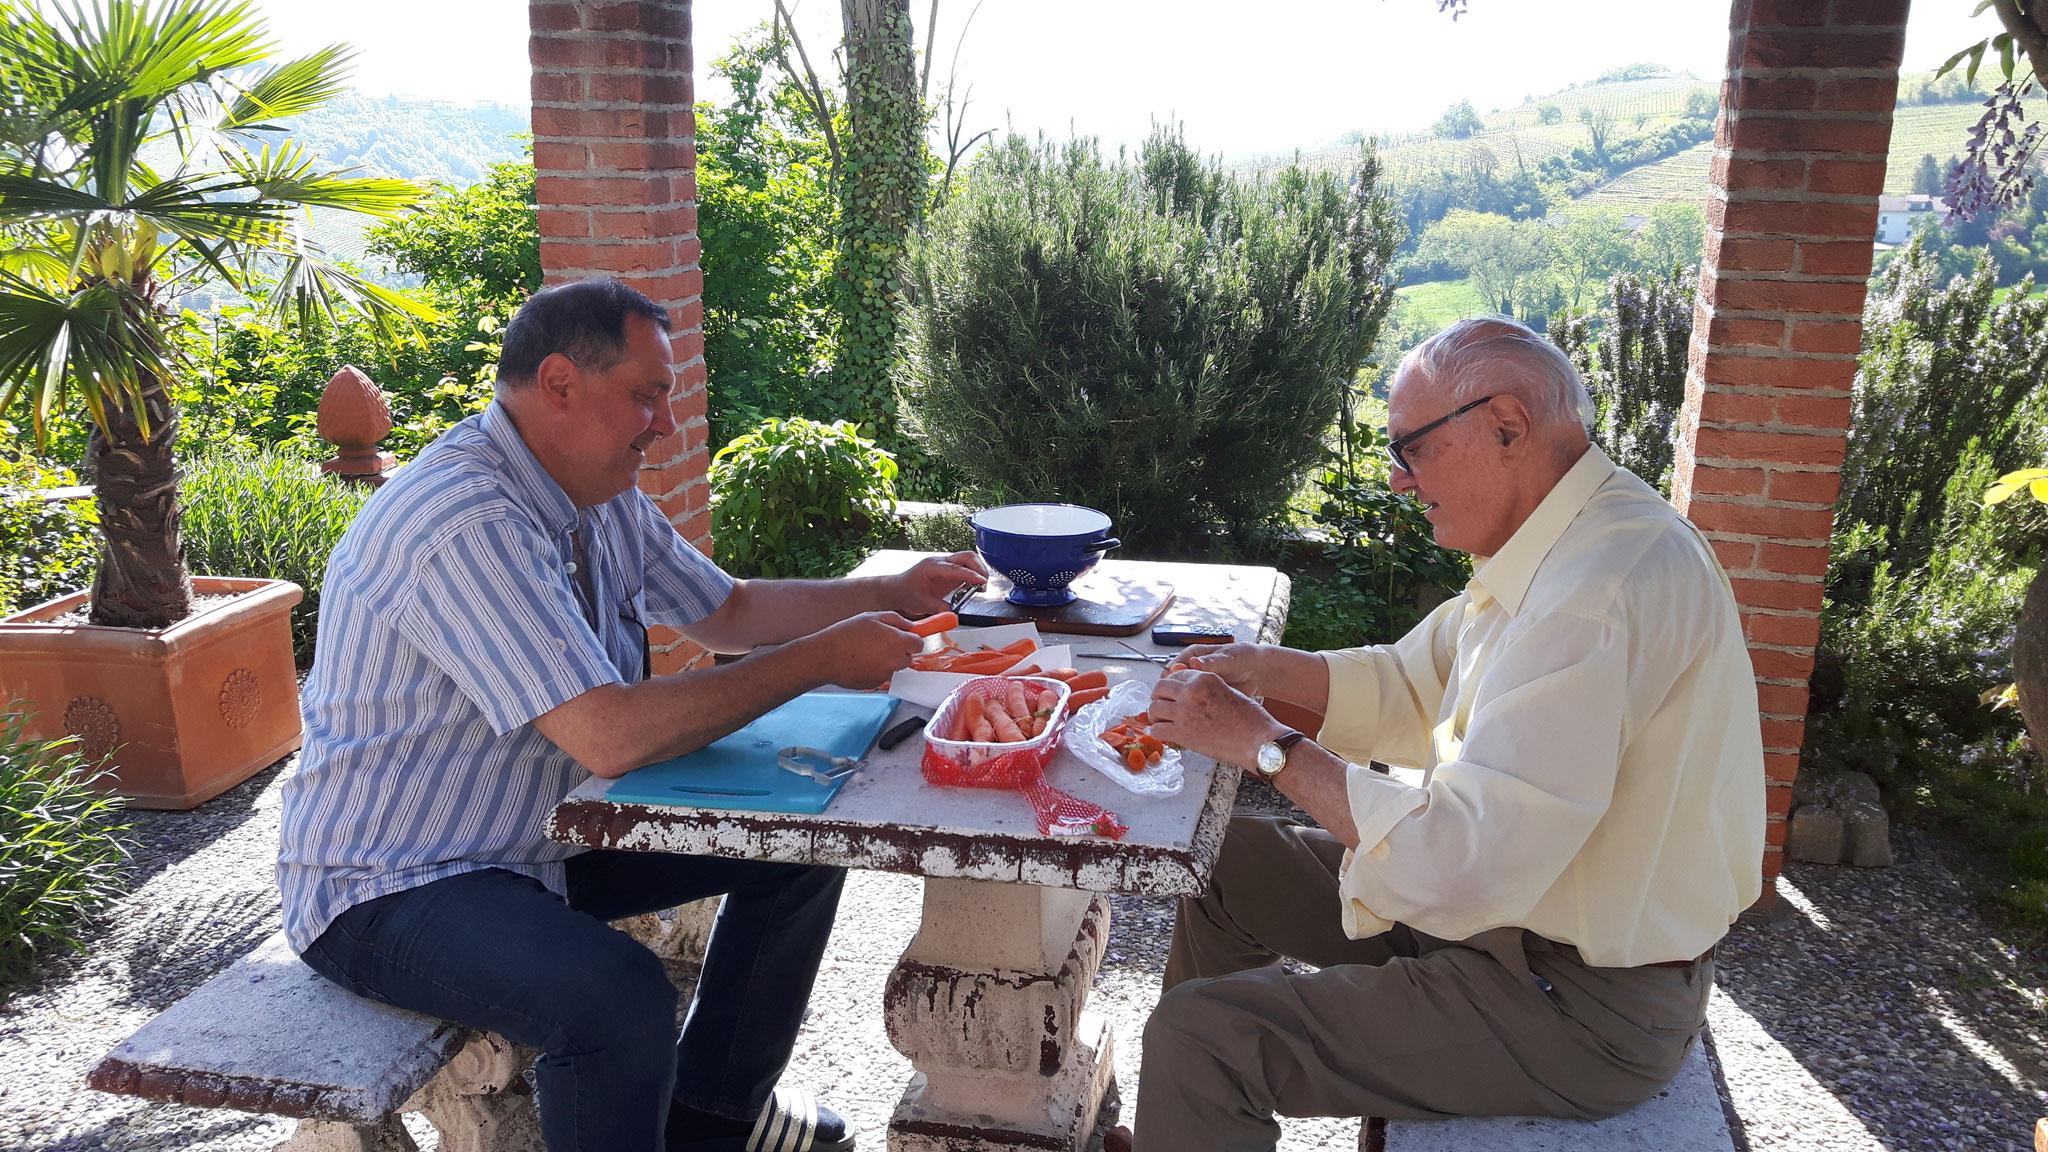 Vater und Sohn schnippseln für die Gäste.